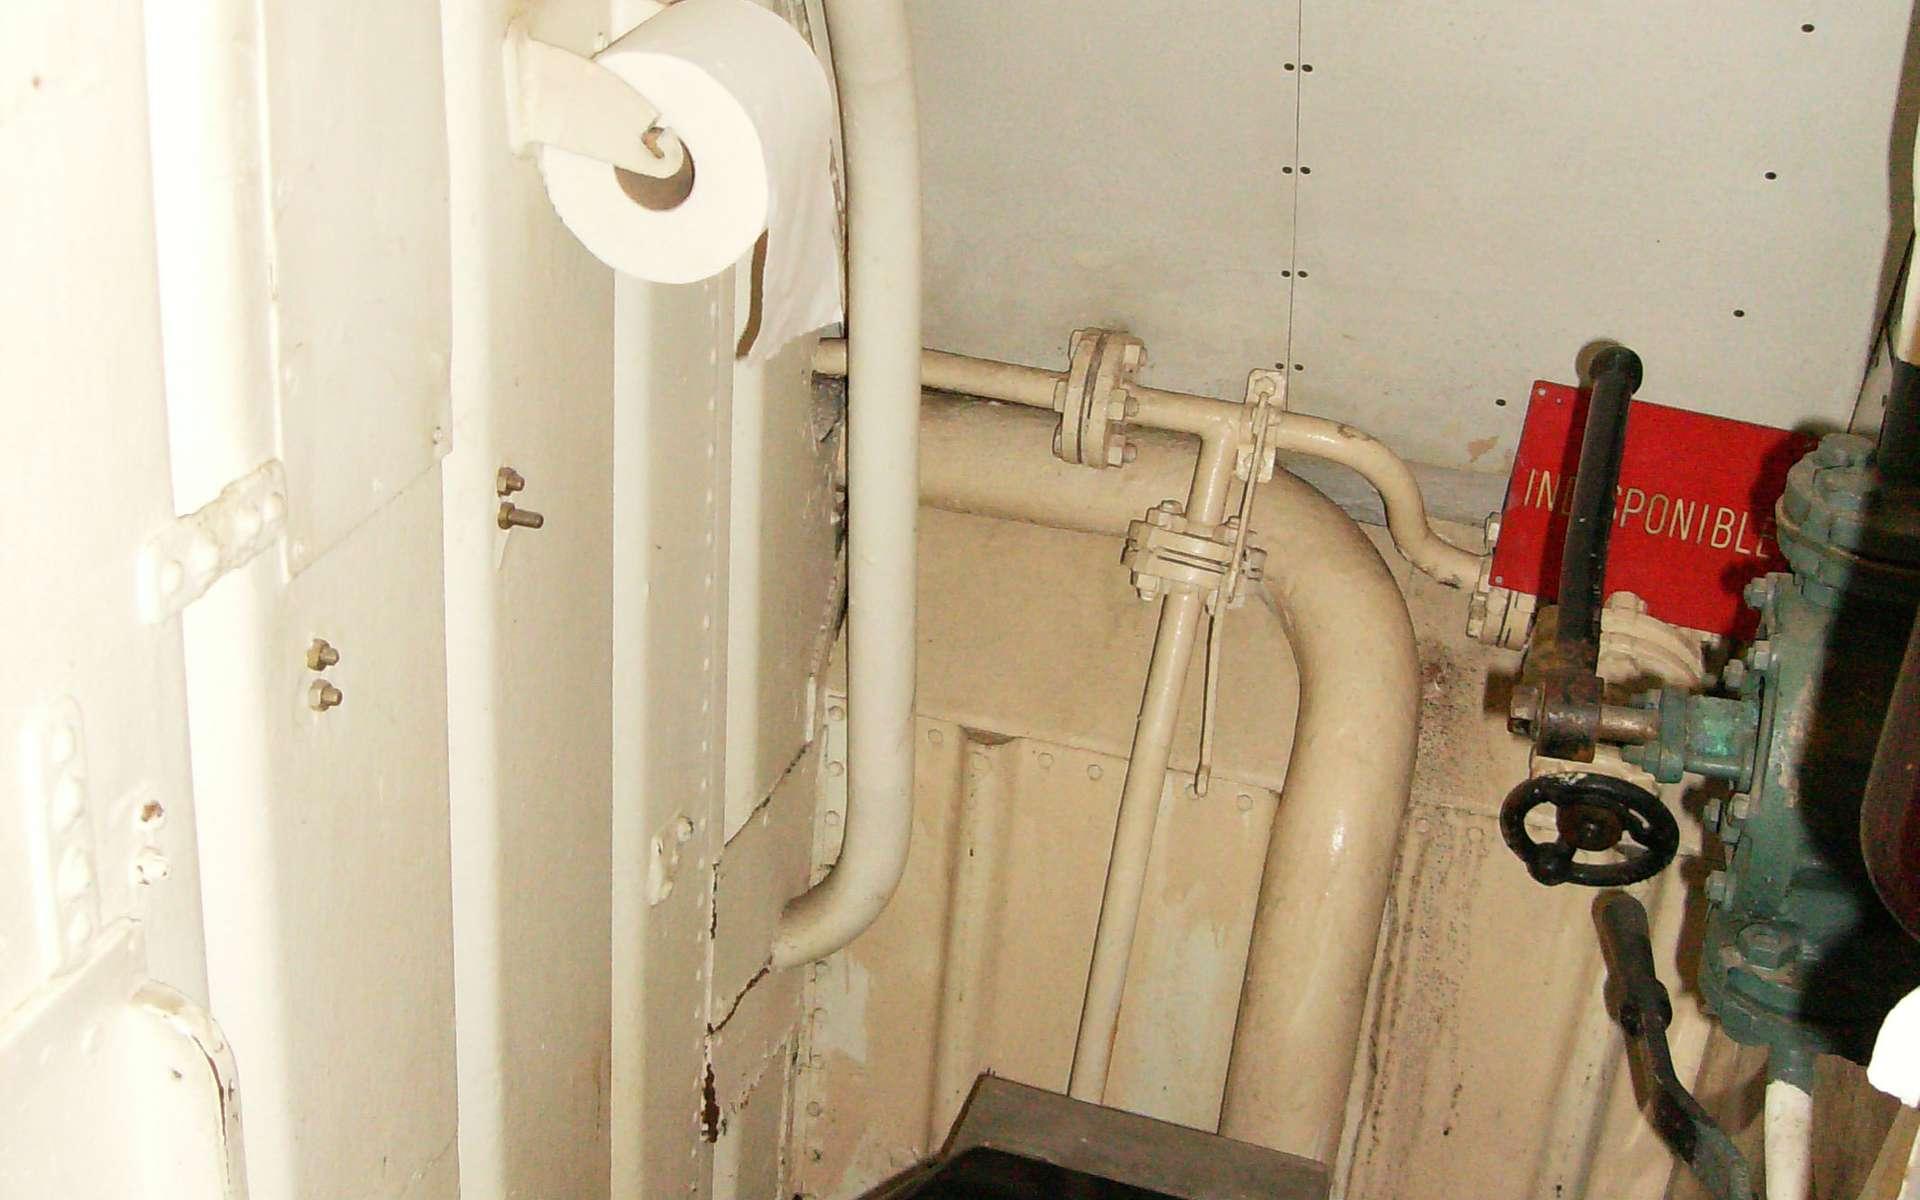 La pipe de raccordement sert à lier des tuyaux ou des conduits entre eux. © Abxbay, Domaine public, Wikimedia Commons